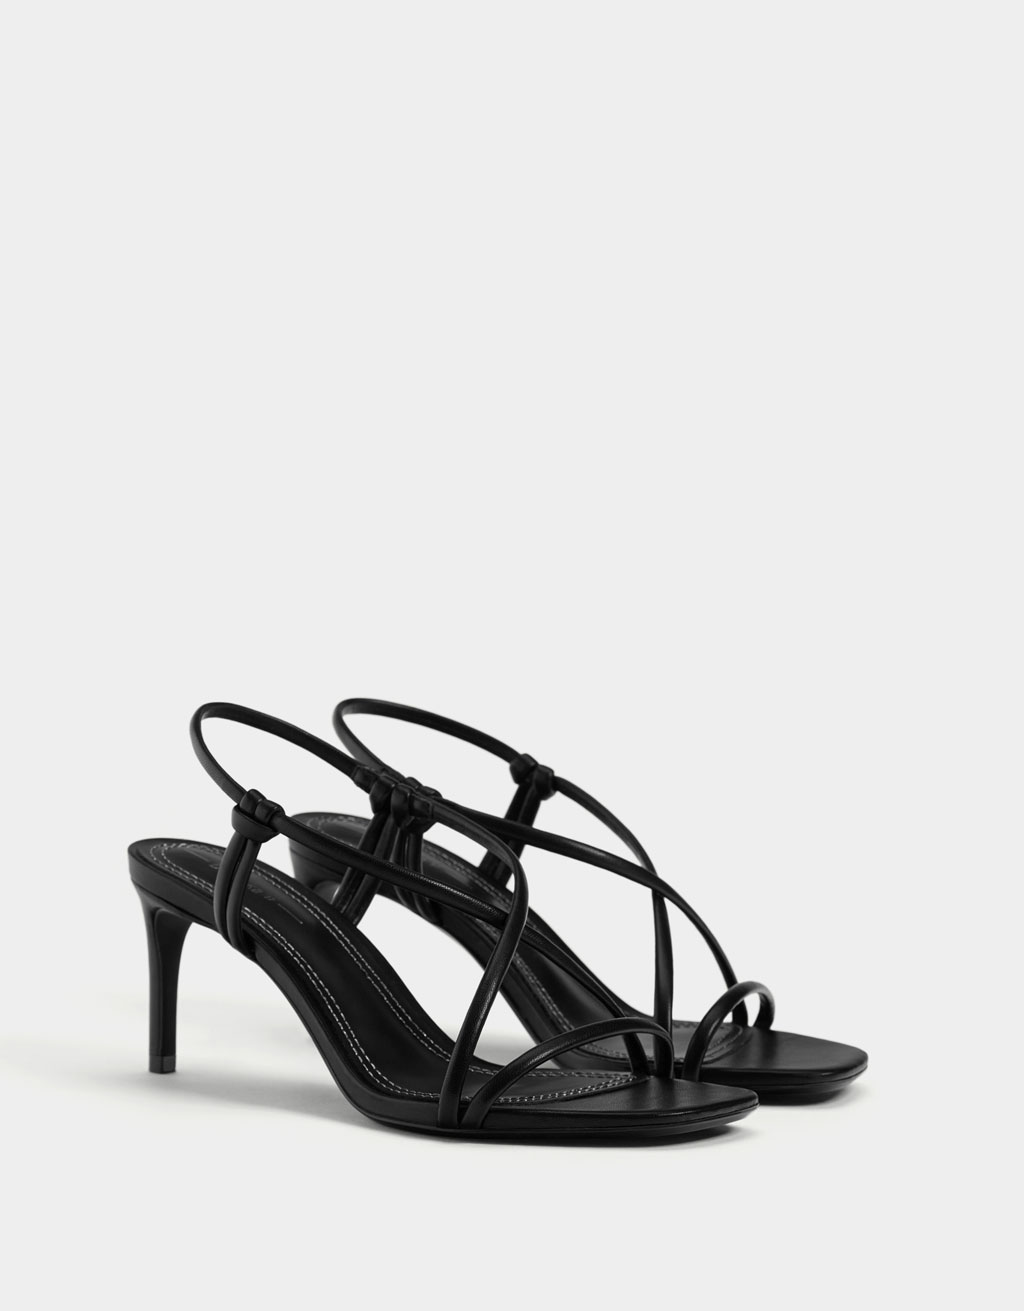 Sandale s cjevastom potpeticom